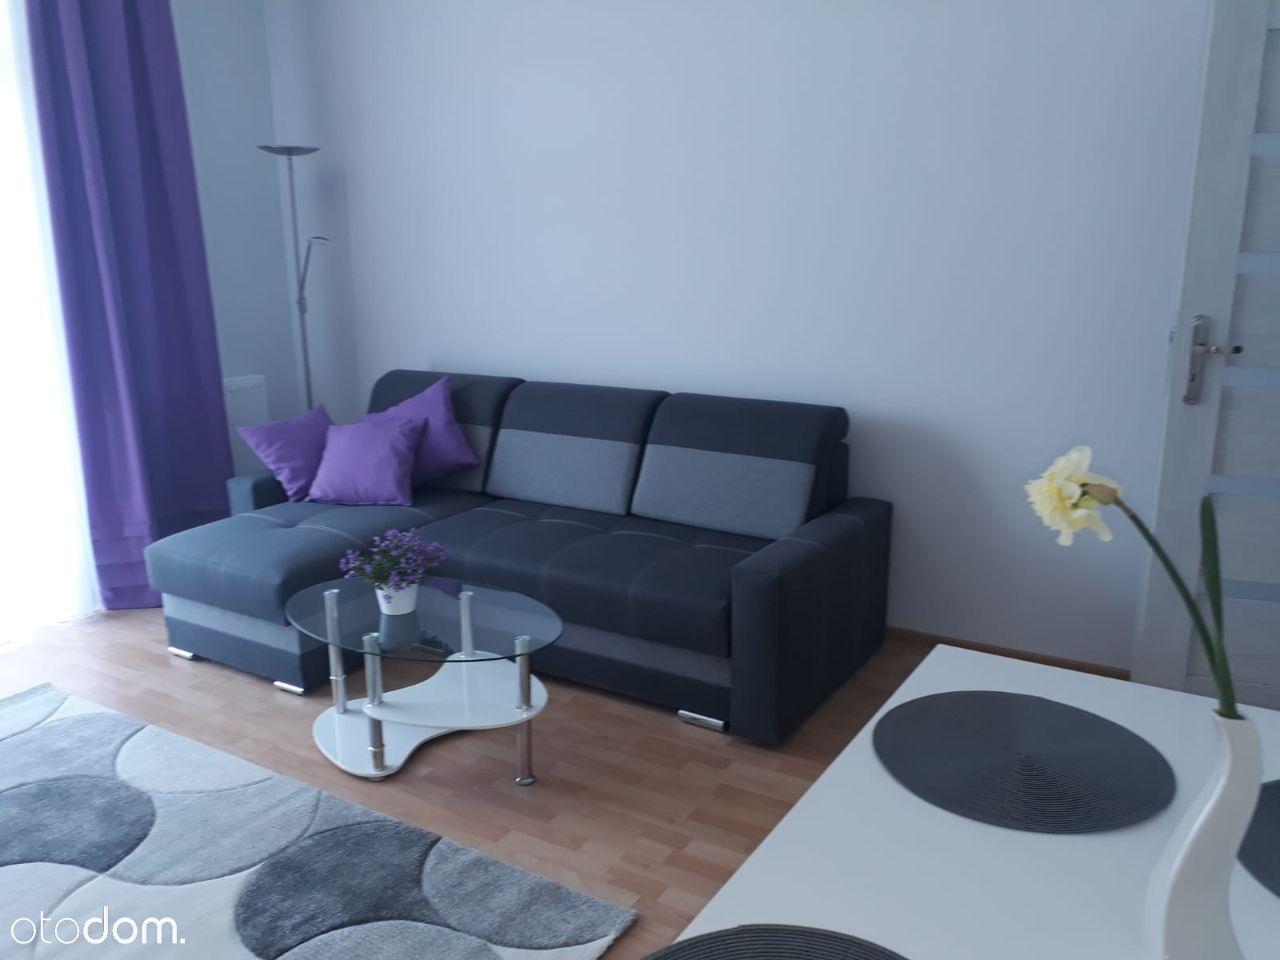 PRYWATNY WYNAJEM - nowy apartament 70 m2 Rzeszów